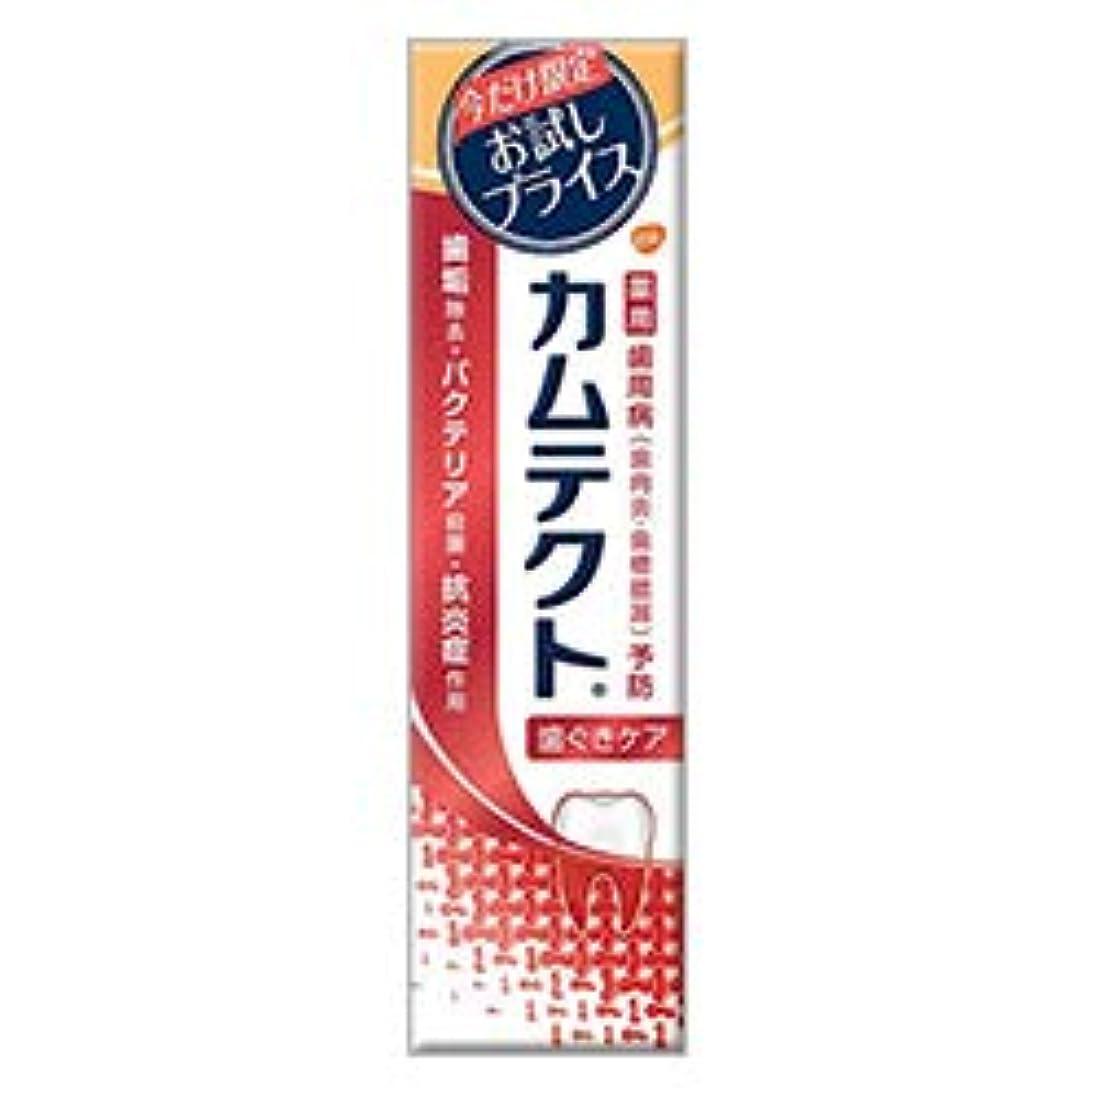 湿った島振るう【アース製薬】カムテクト 歯ぐきケア 限定お試し版 105g [医薬部外品] ×3個セット